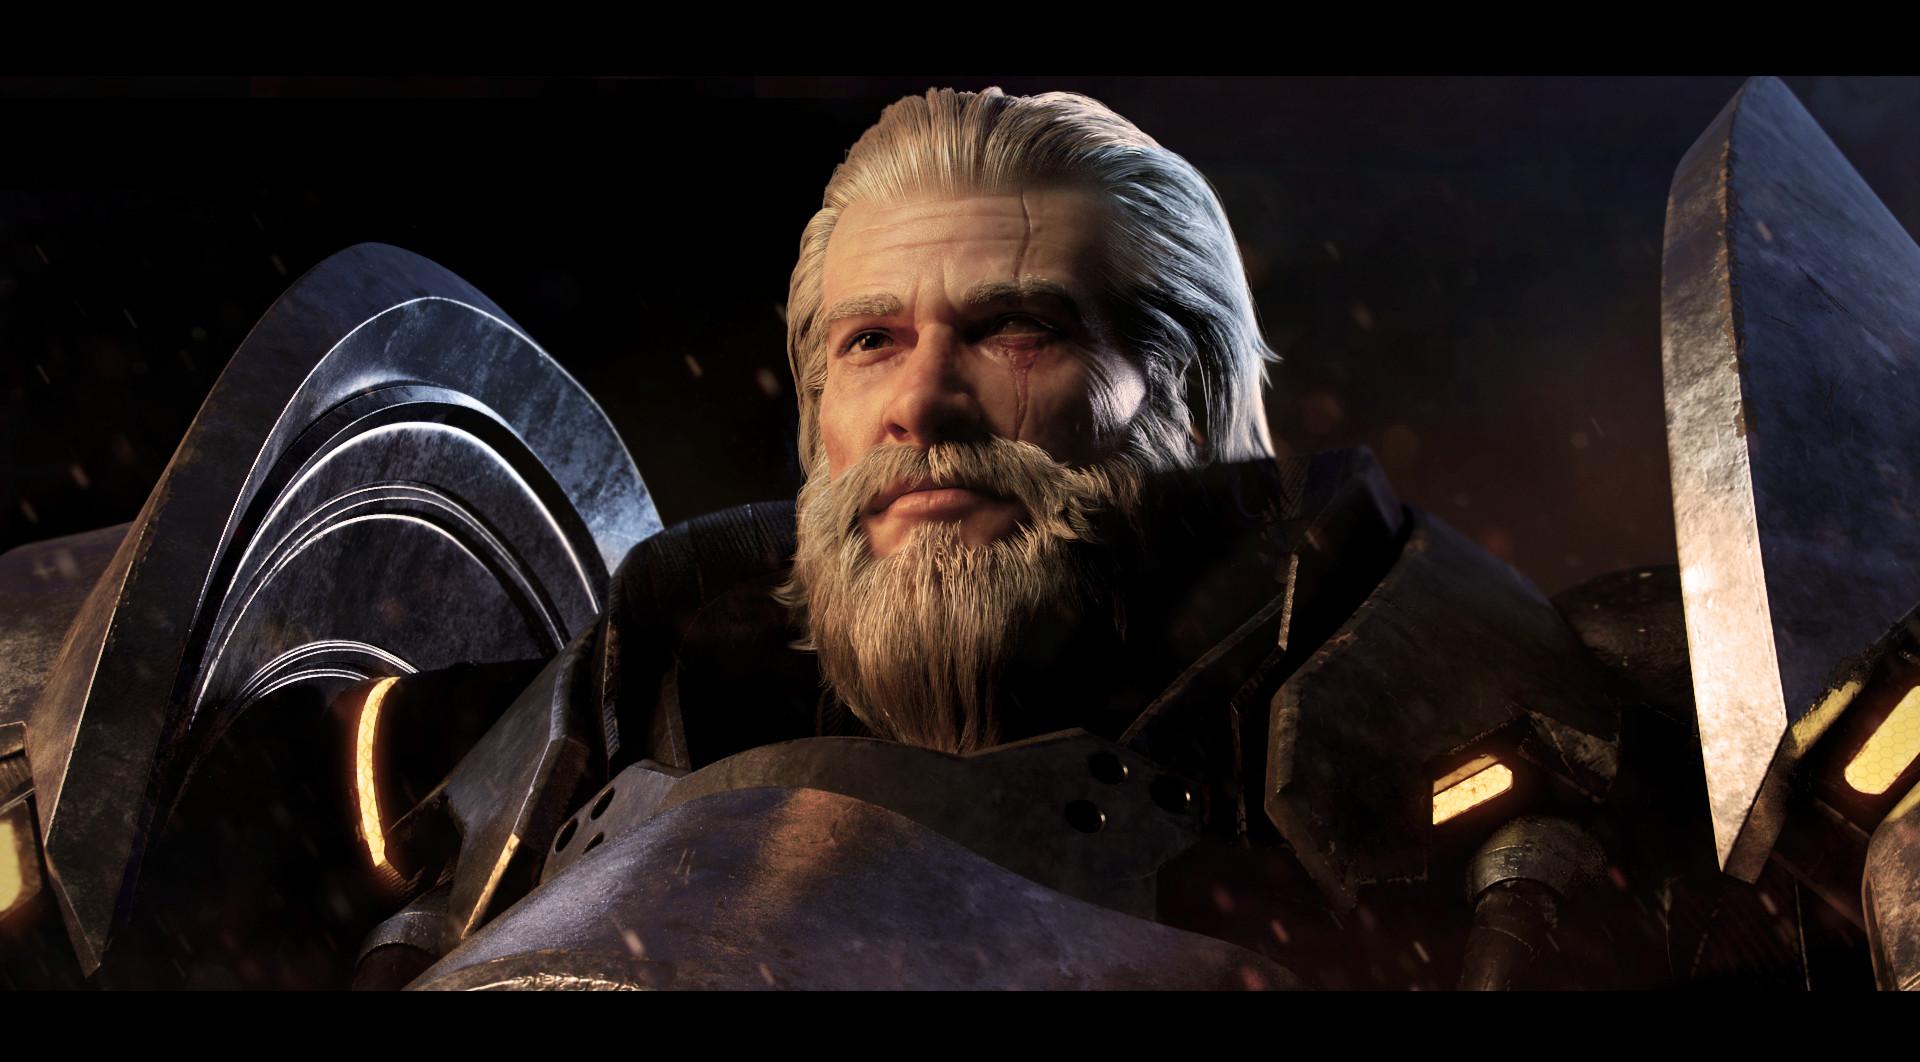 Wallpaper Digital Art Video Games Reinhardt Overwatch Men Scars White Hair Beard 1920x1062 Pere 1303257 Hd Wallpapers Wallhere